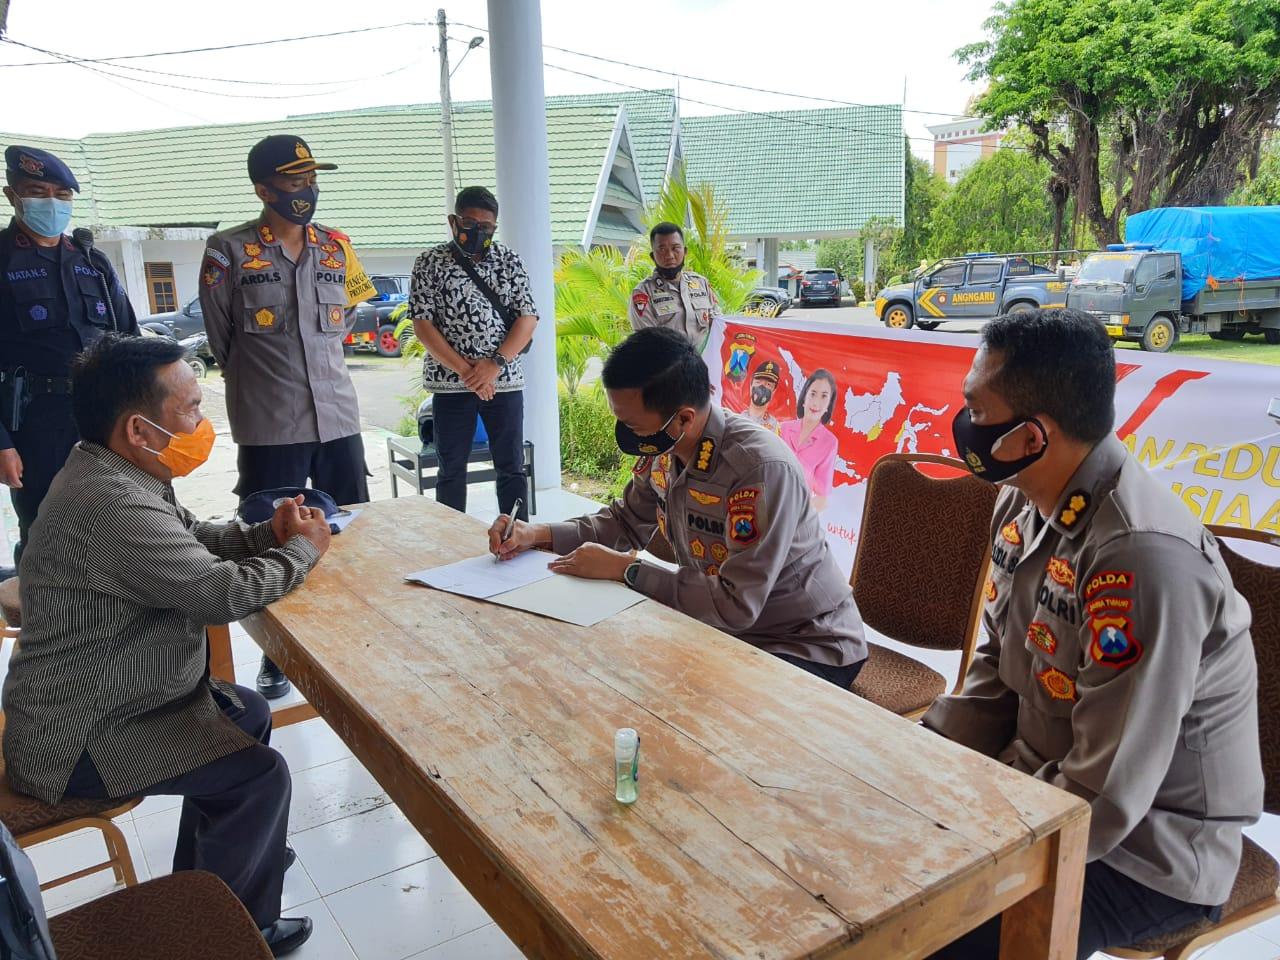 Bantuan Dari Polda Jatim dan Bhayangkari Mendarat Tepat Sasaran